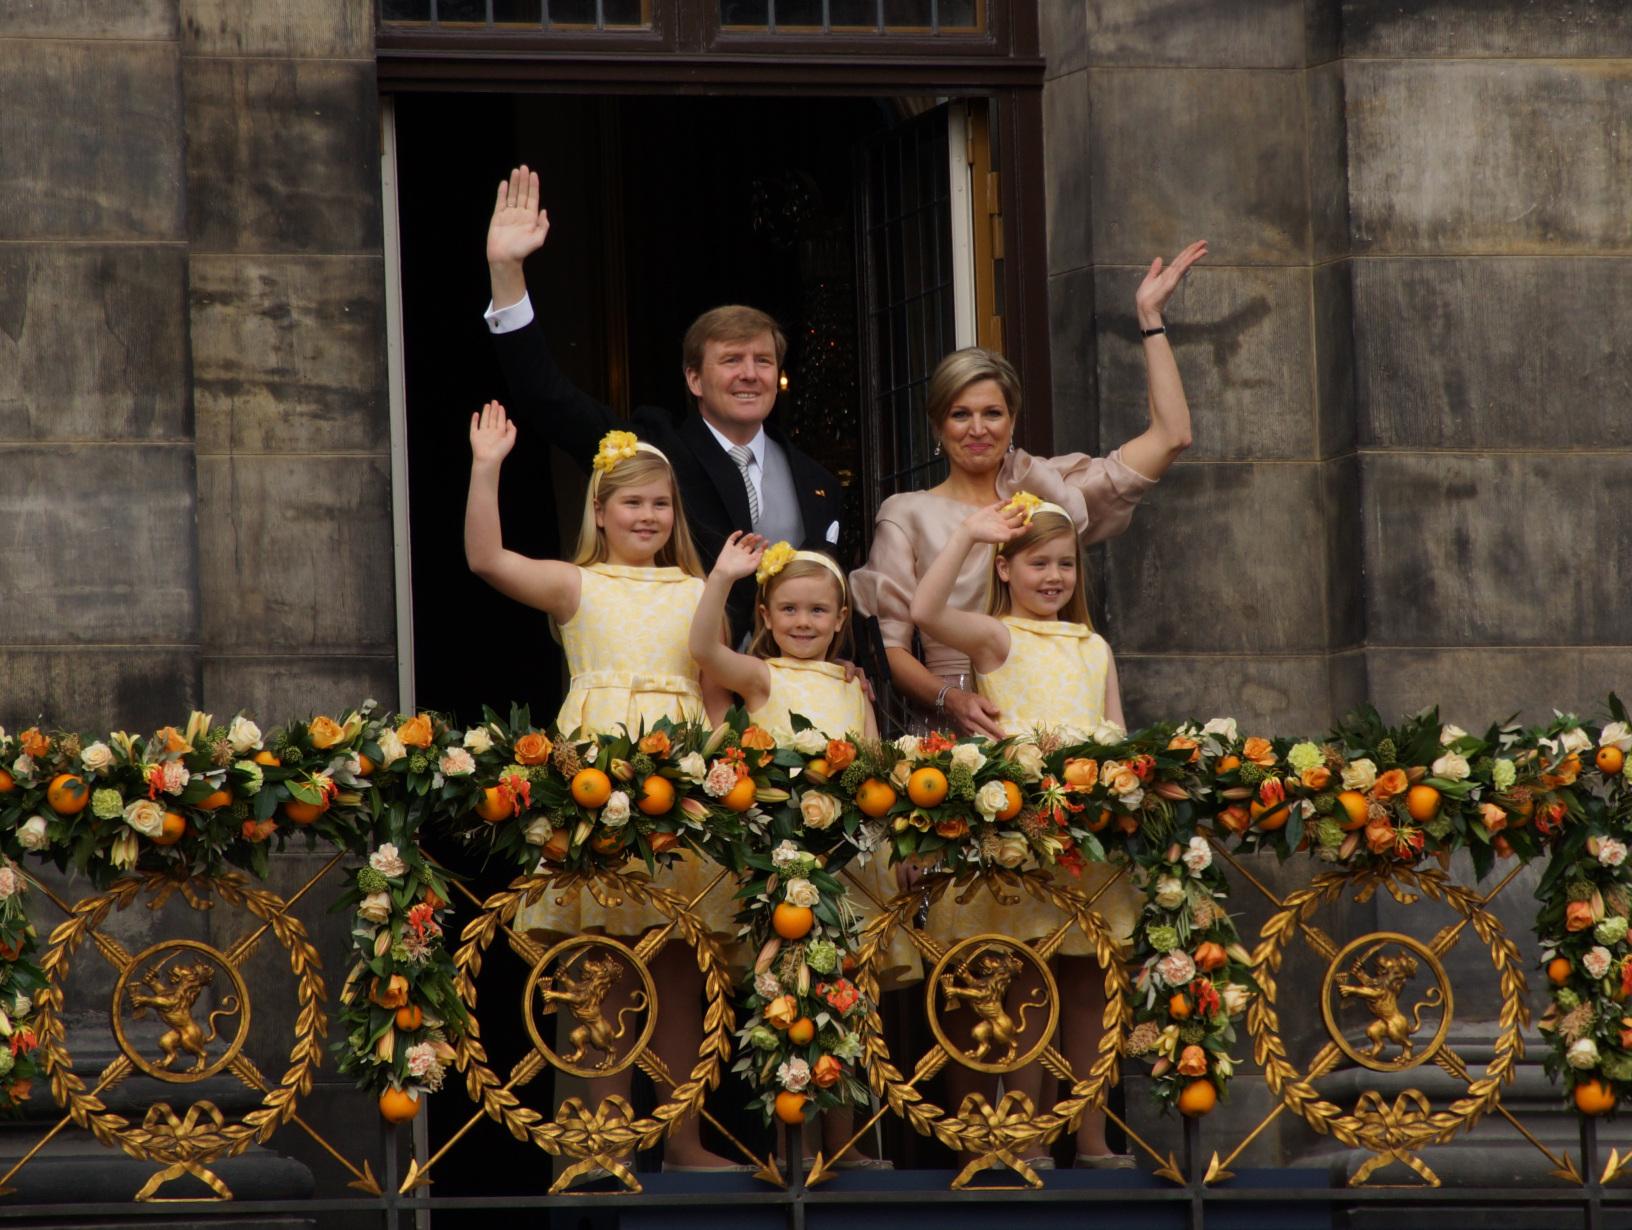 Factcheck: 'Nederland heeft de duurste monarchie van Europa'